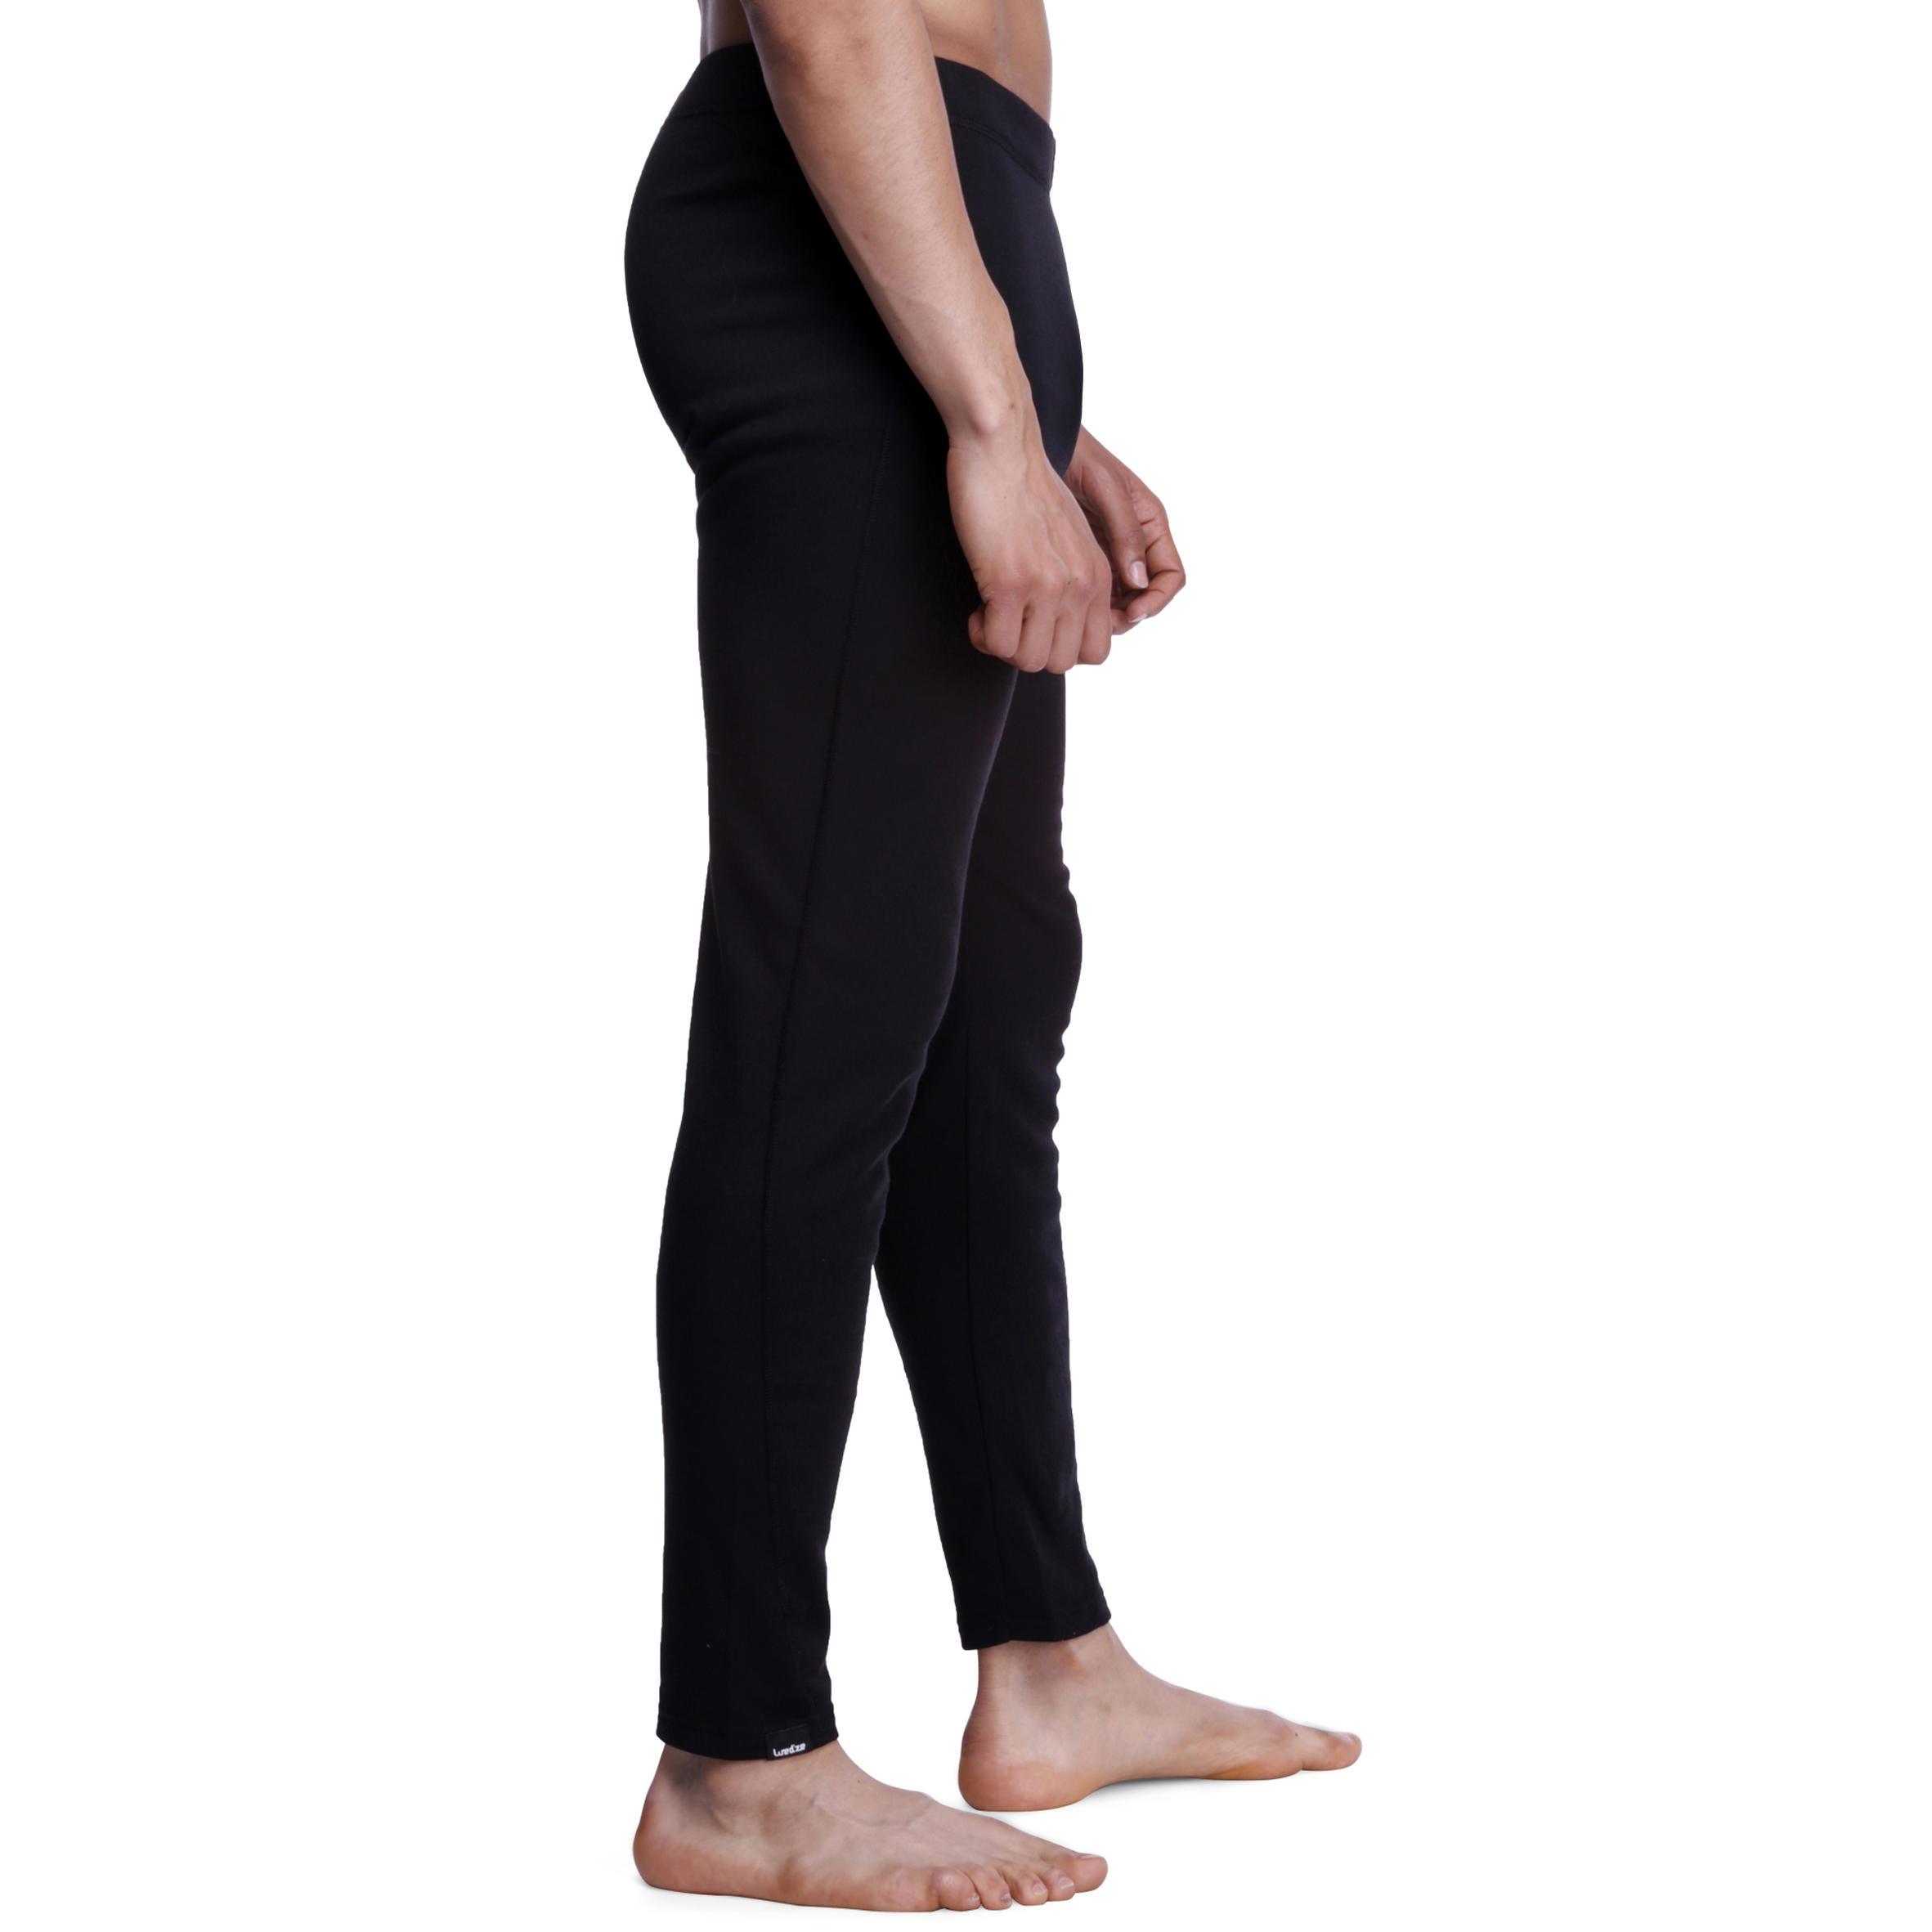 กางเกงตัวในเพื่อการเล่นสกีสำหรับผู้ชายรุ่น Wedze Simple Warm (สีดำ)